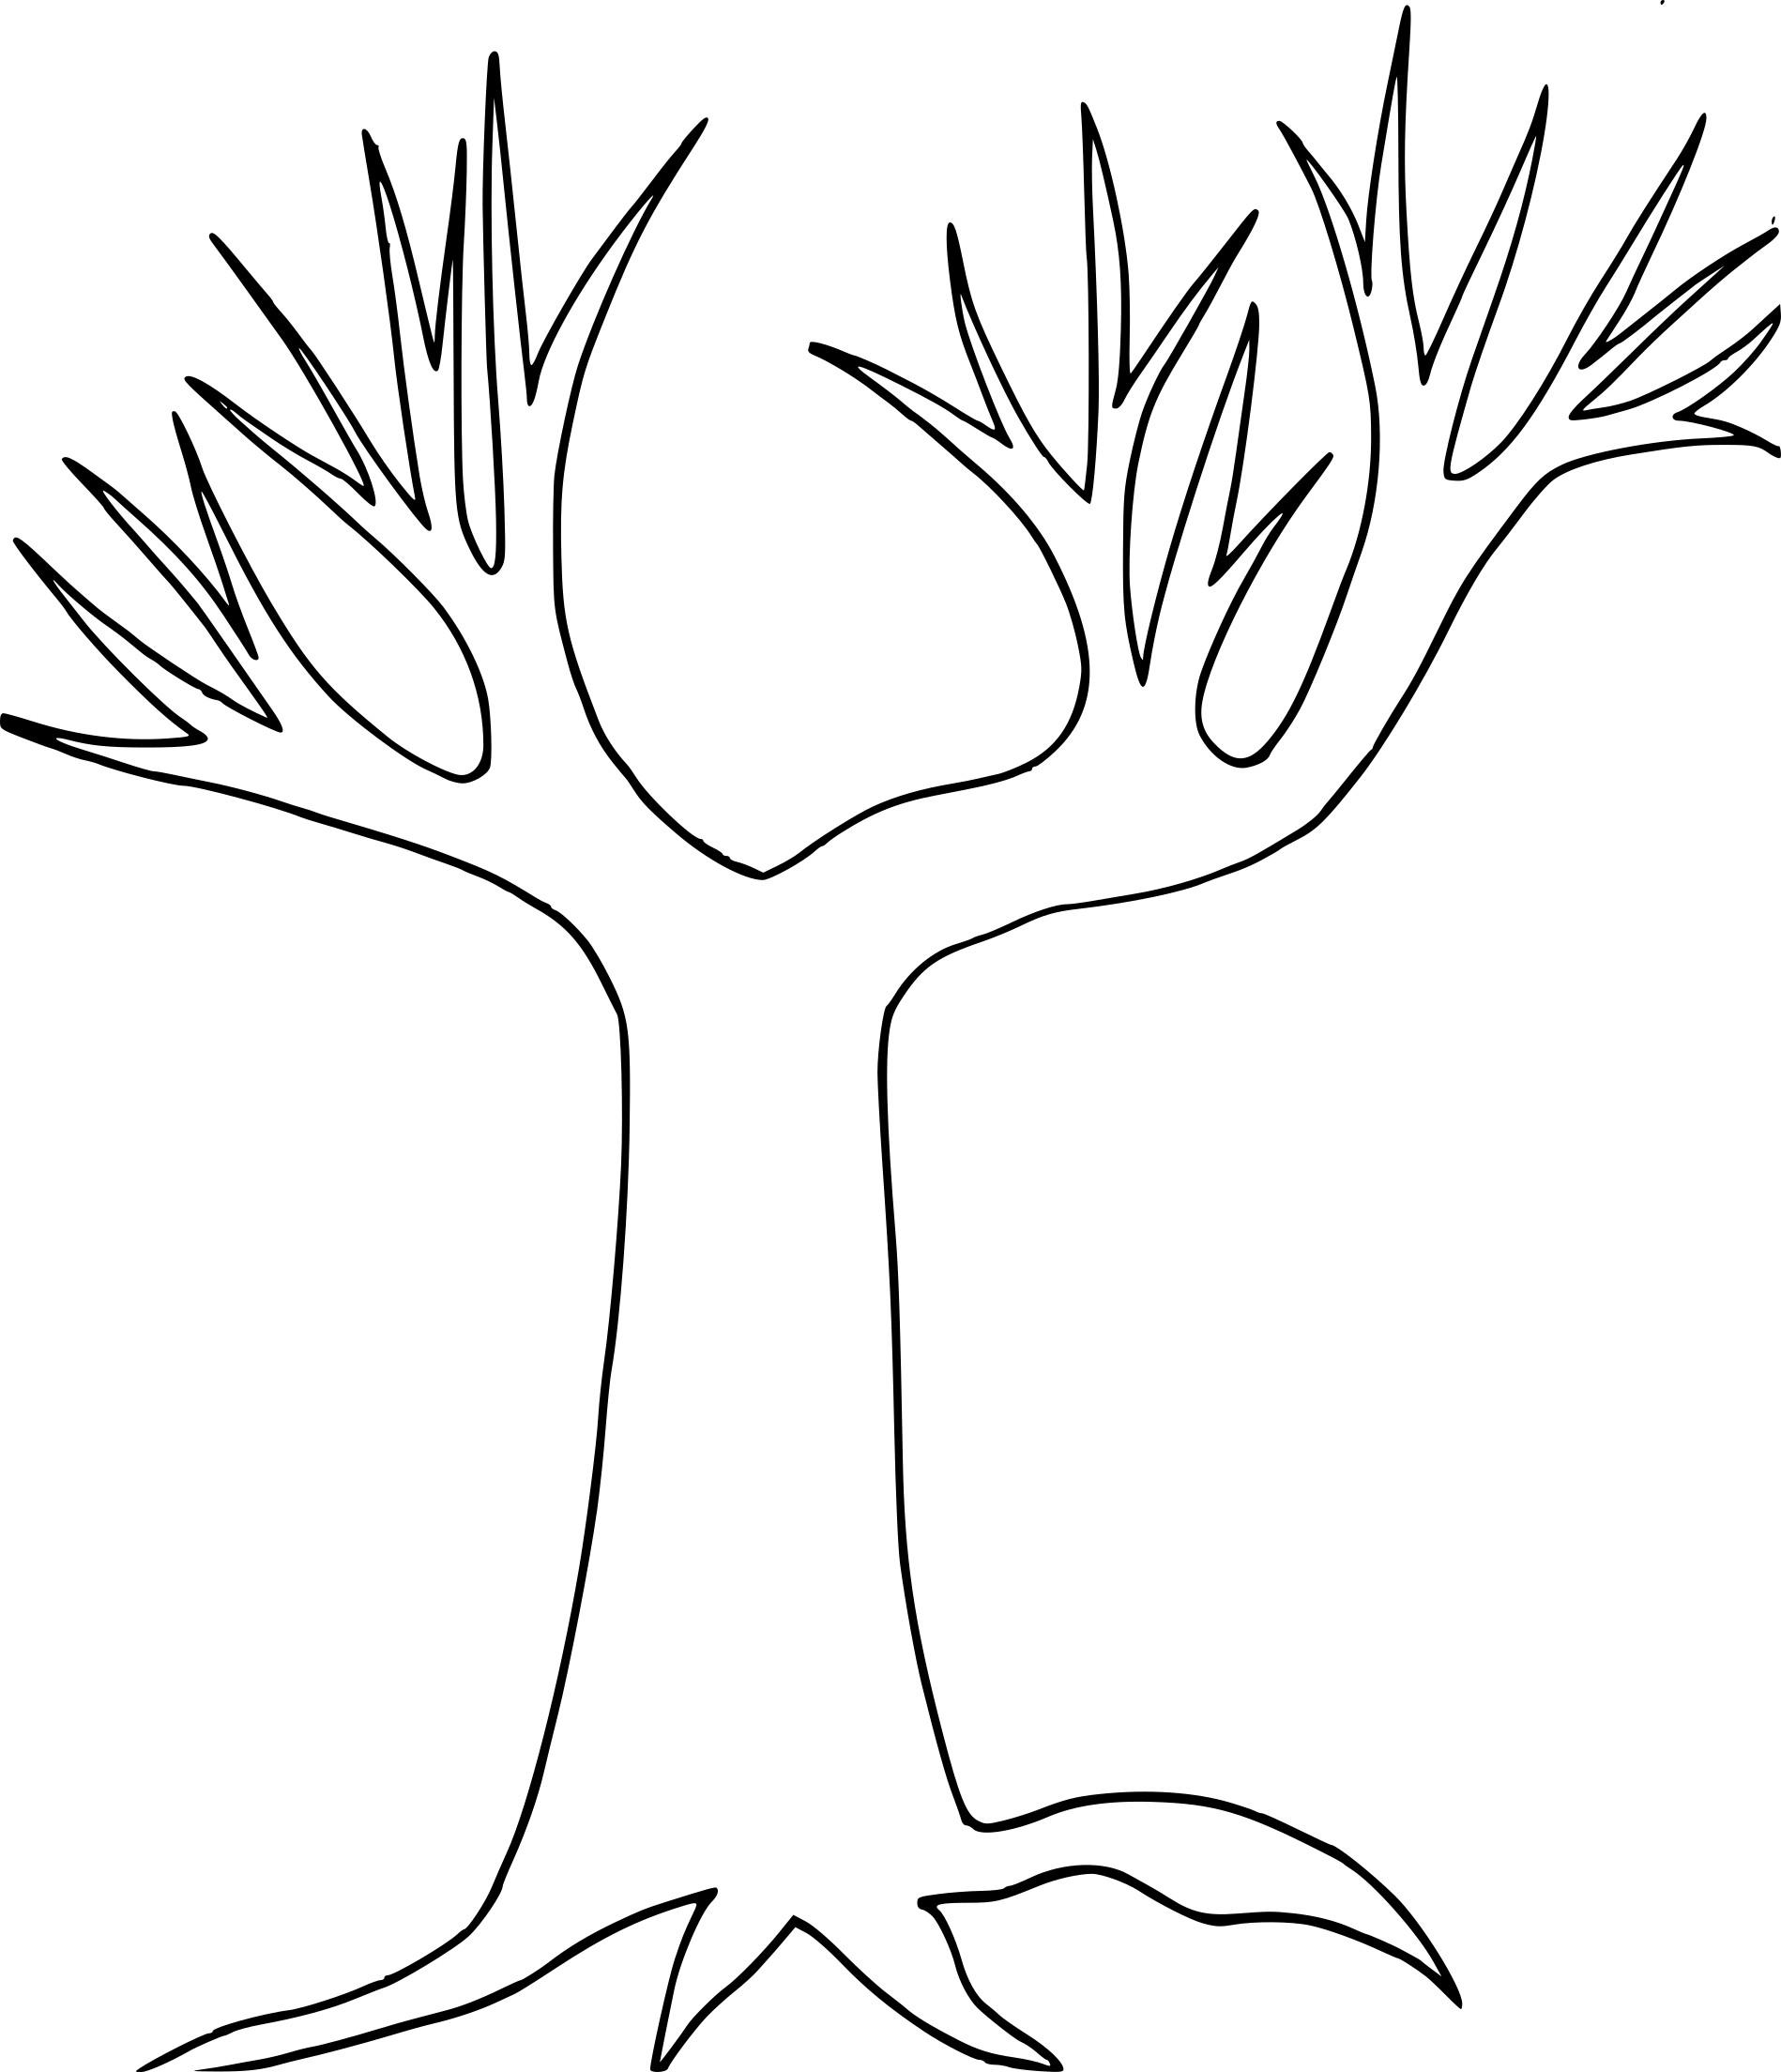 Coloriage tronc arbre à imprimer